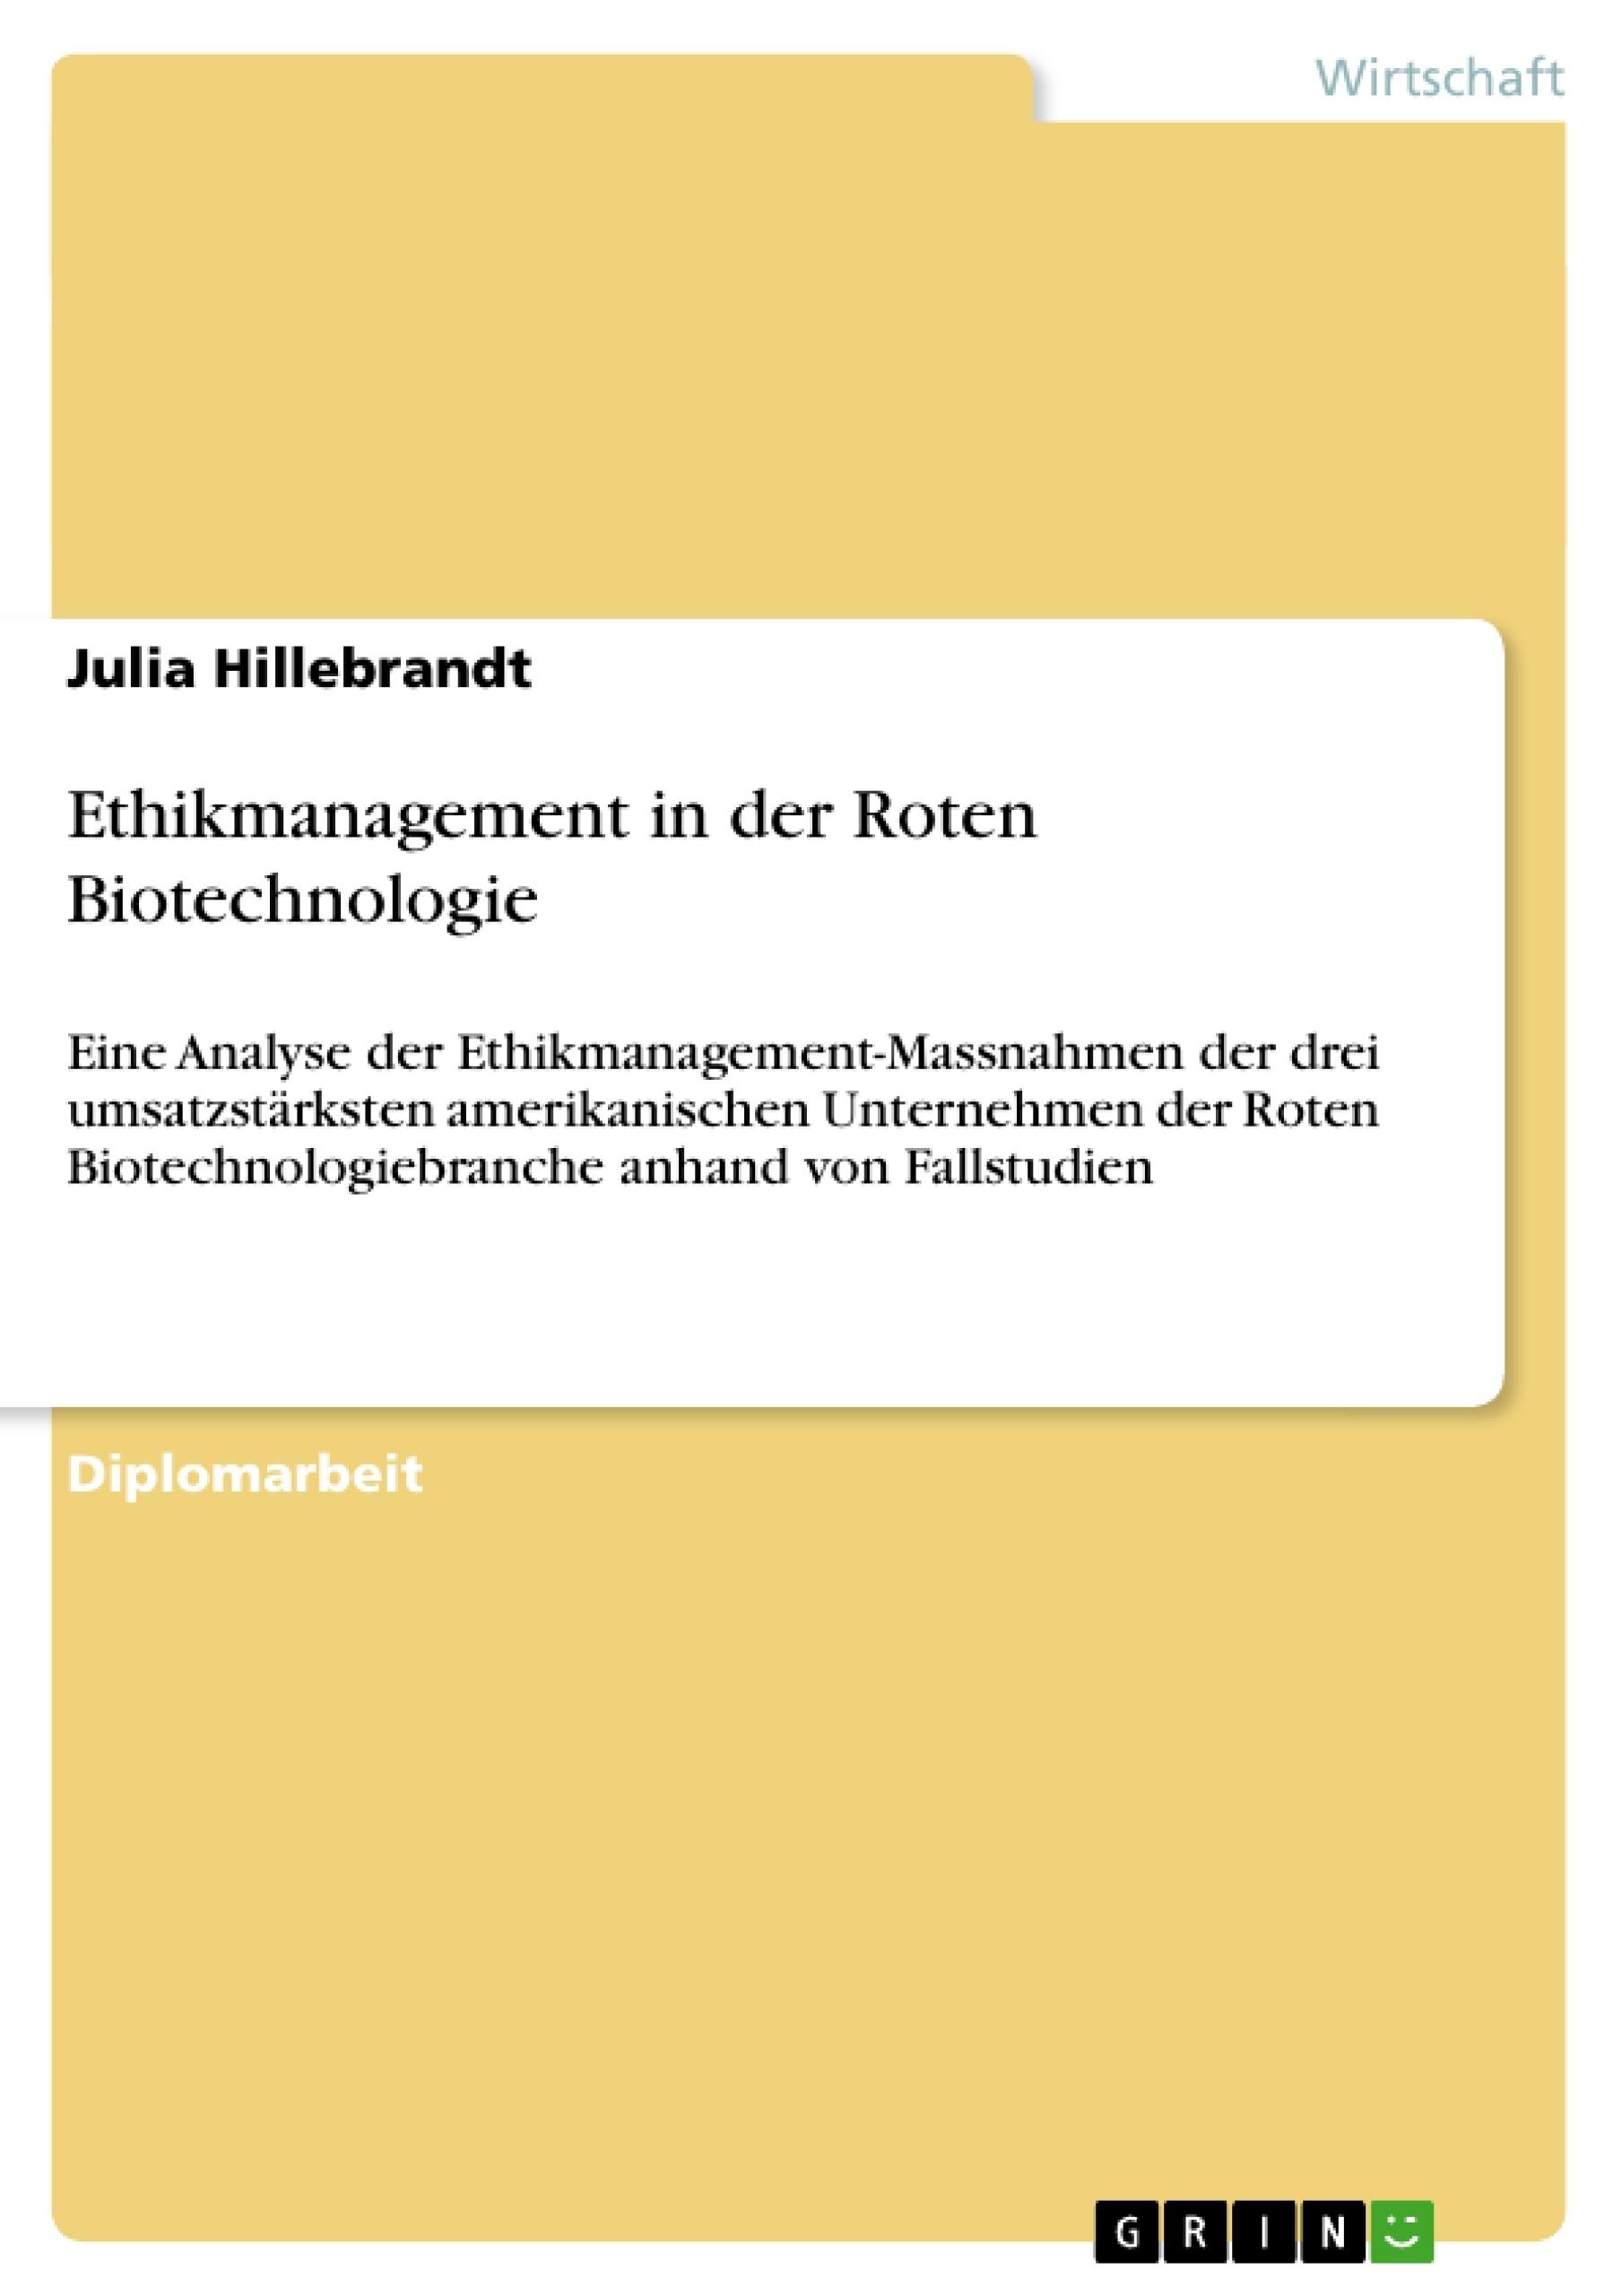 Titel: Ethikmanagement in der Roten Biotechnologie